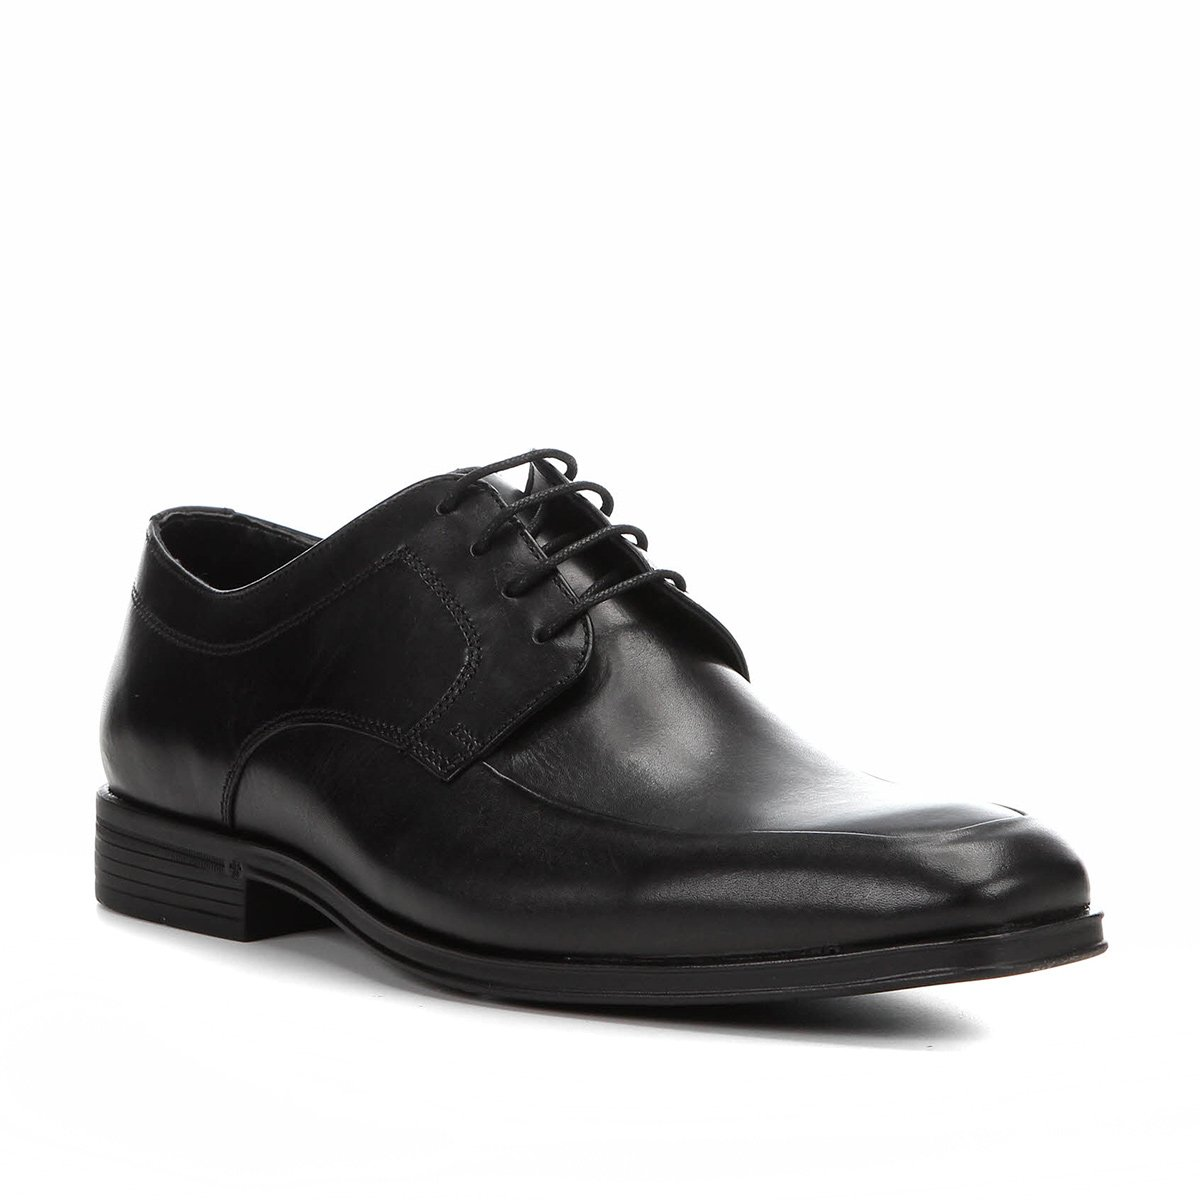 Sapato Social Couro Shoestock Cadarço Masculino